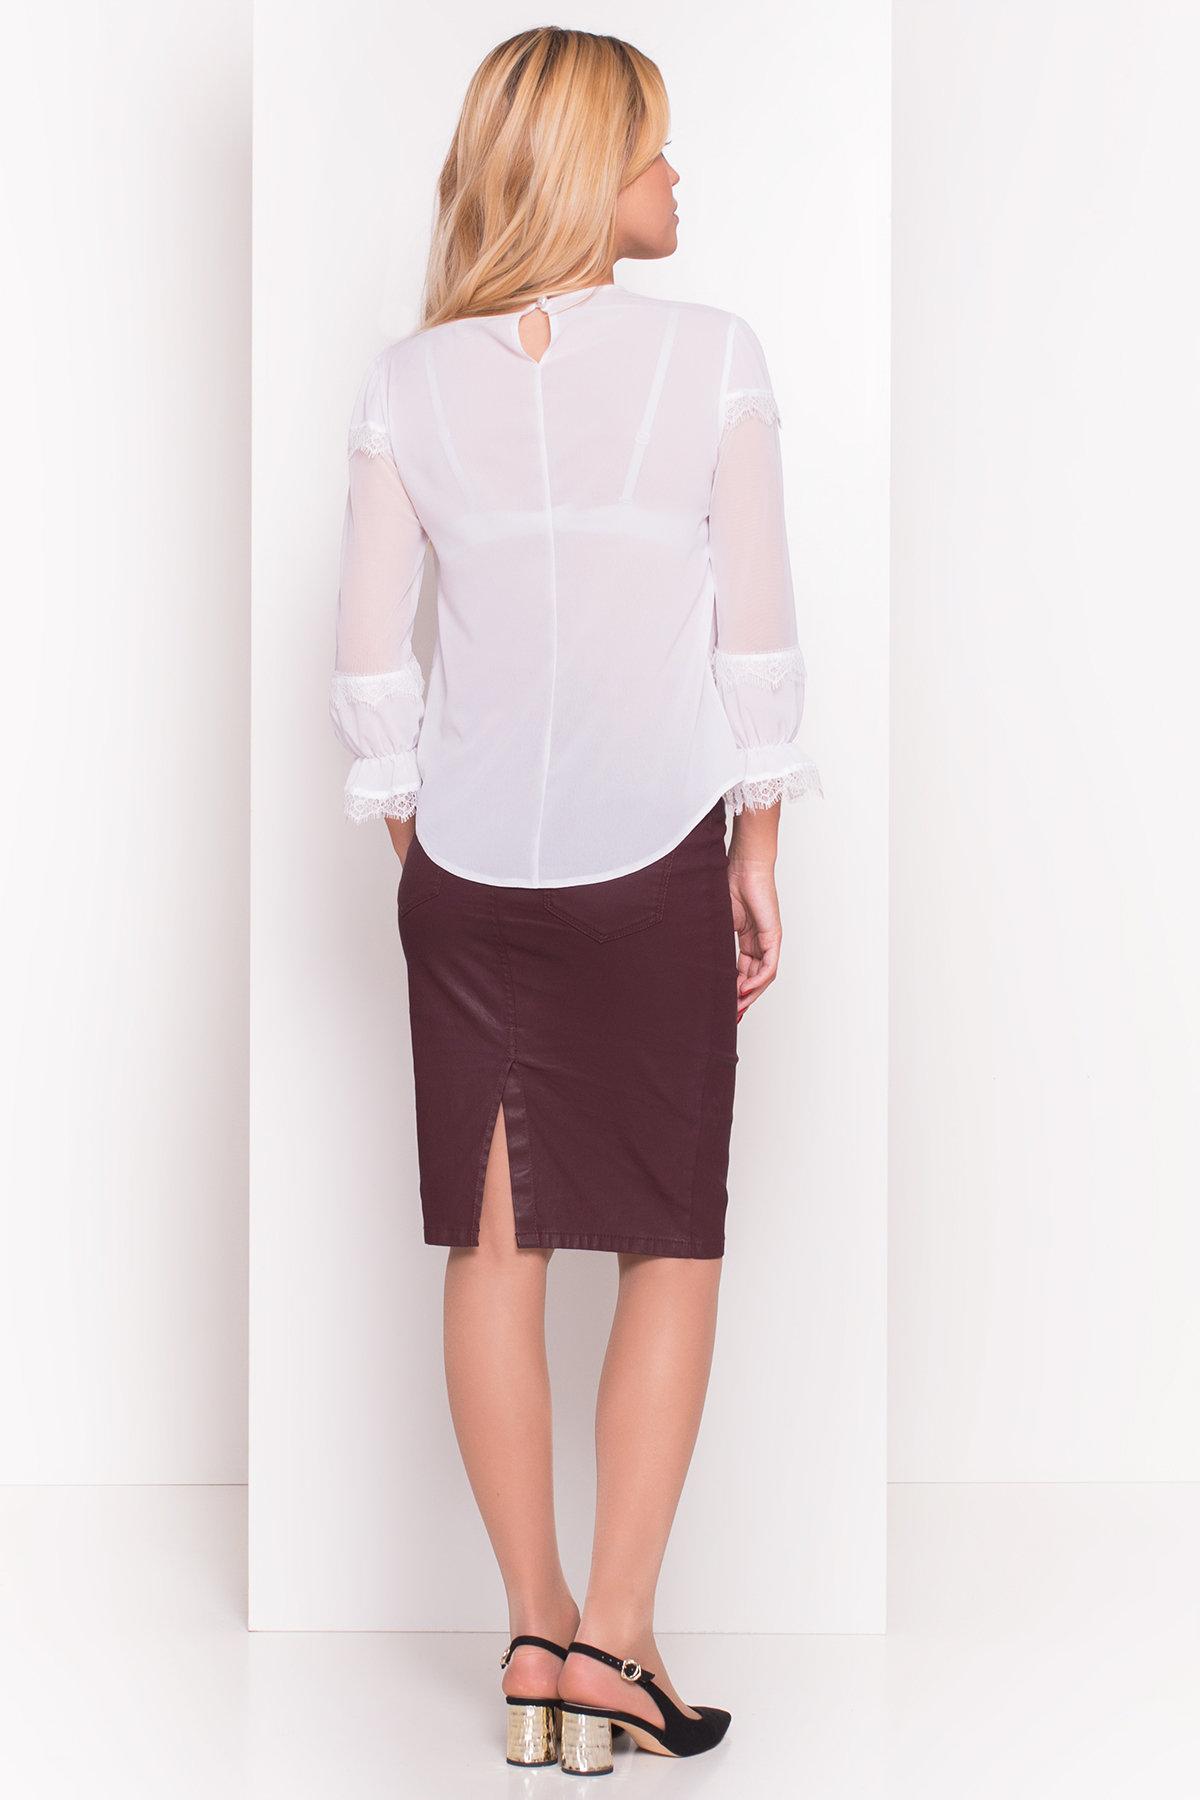 Блуза с рукавом 3/4 Венга 5143 Цвет: Белый 1